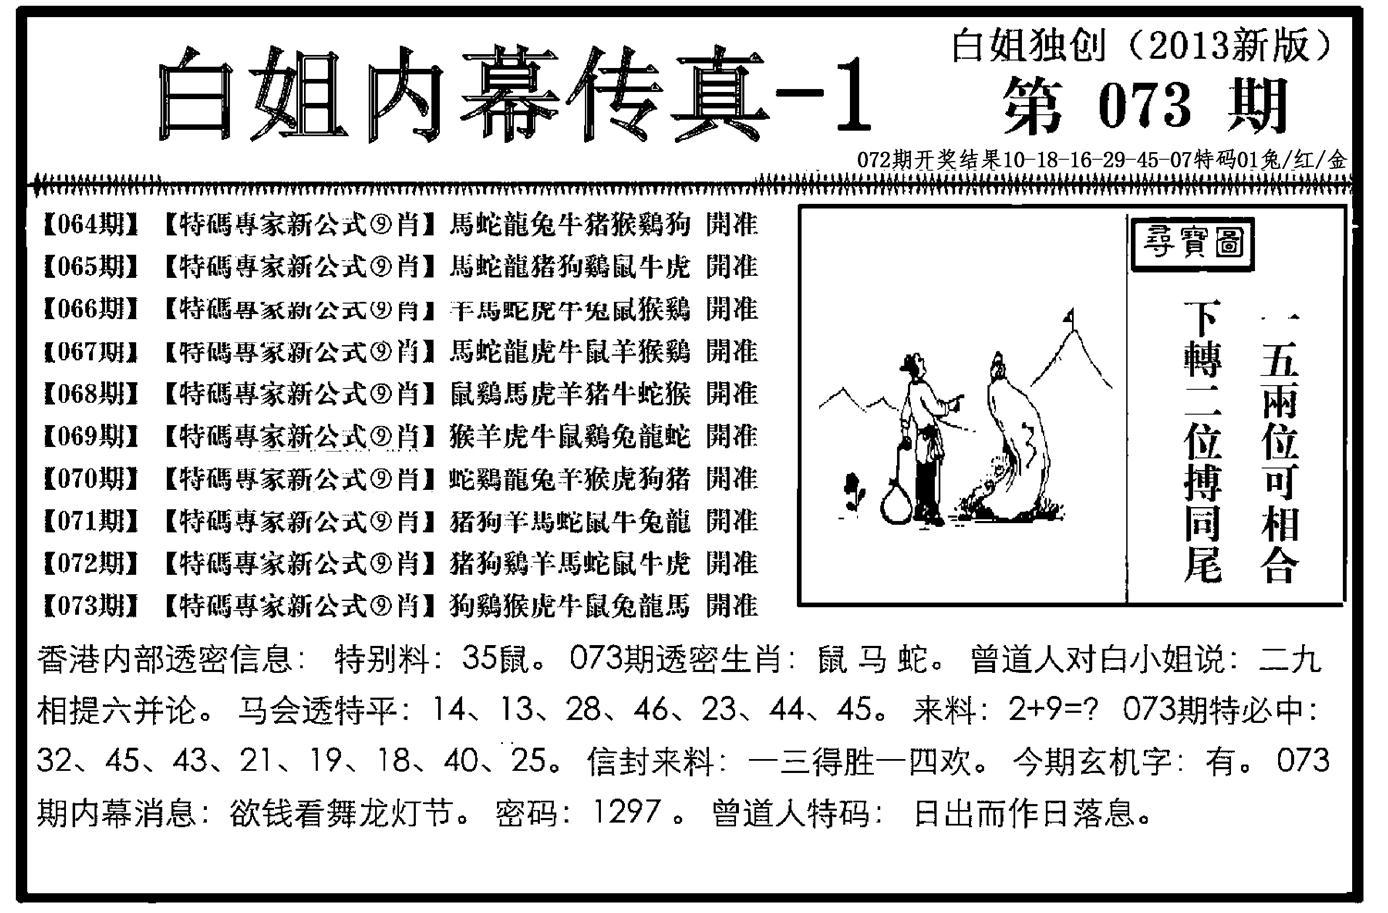 073期白姐内幕传真-1(黑白)